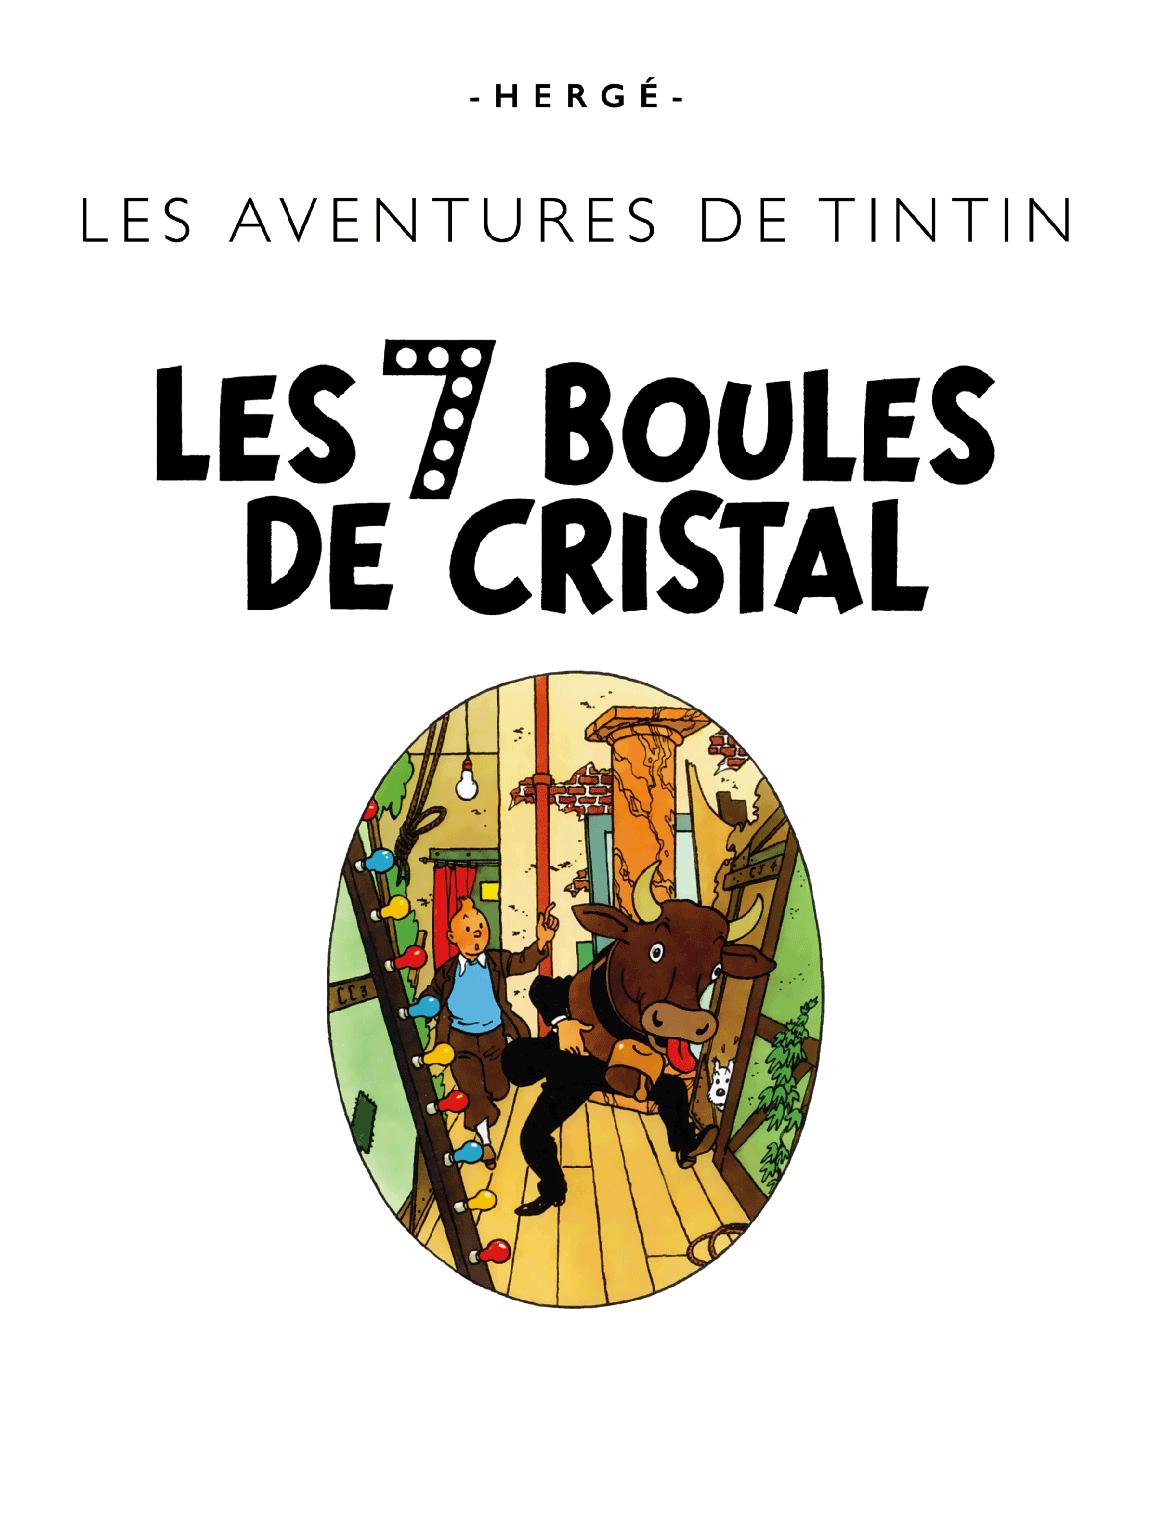 Les 7 Boules de cristal - page titre